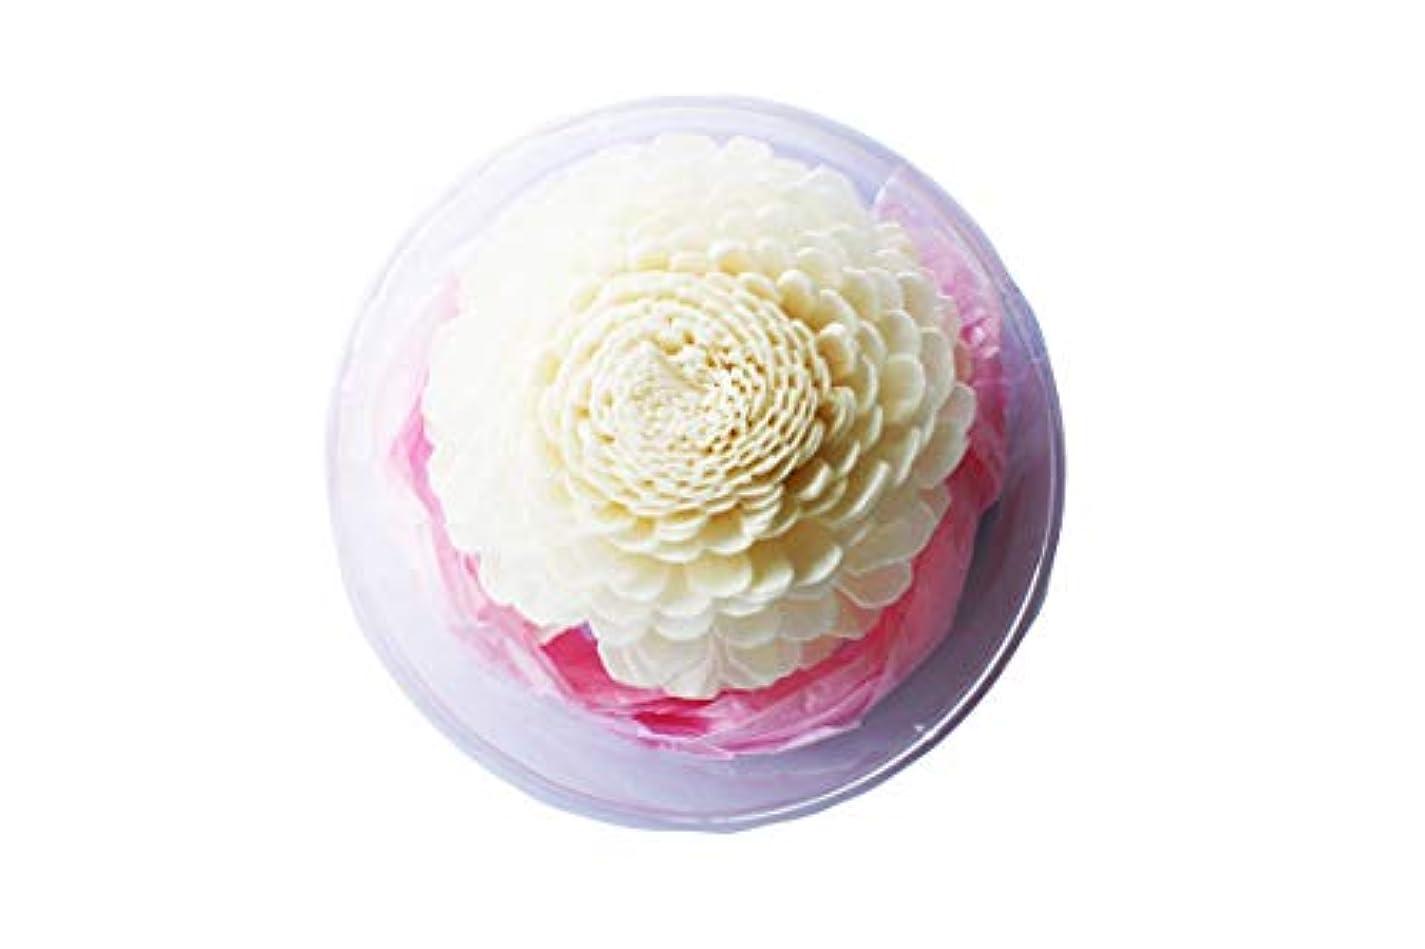 ミンチ炭水化物思いつくMAYA フラワーディフューザー ソラフラワー ジャスミン (8cm) [並行輸入品]|Aroma Flower Diffuser Sola Flower - Jasmine